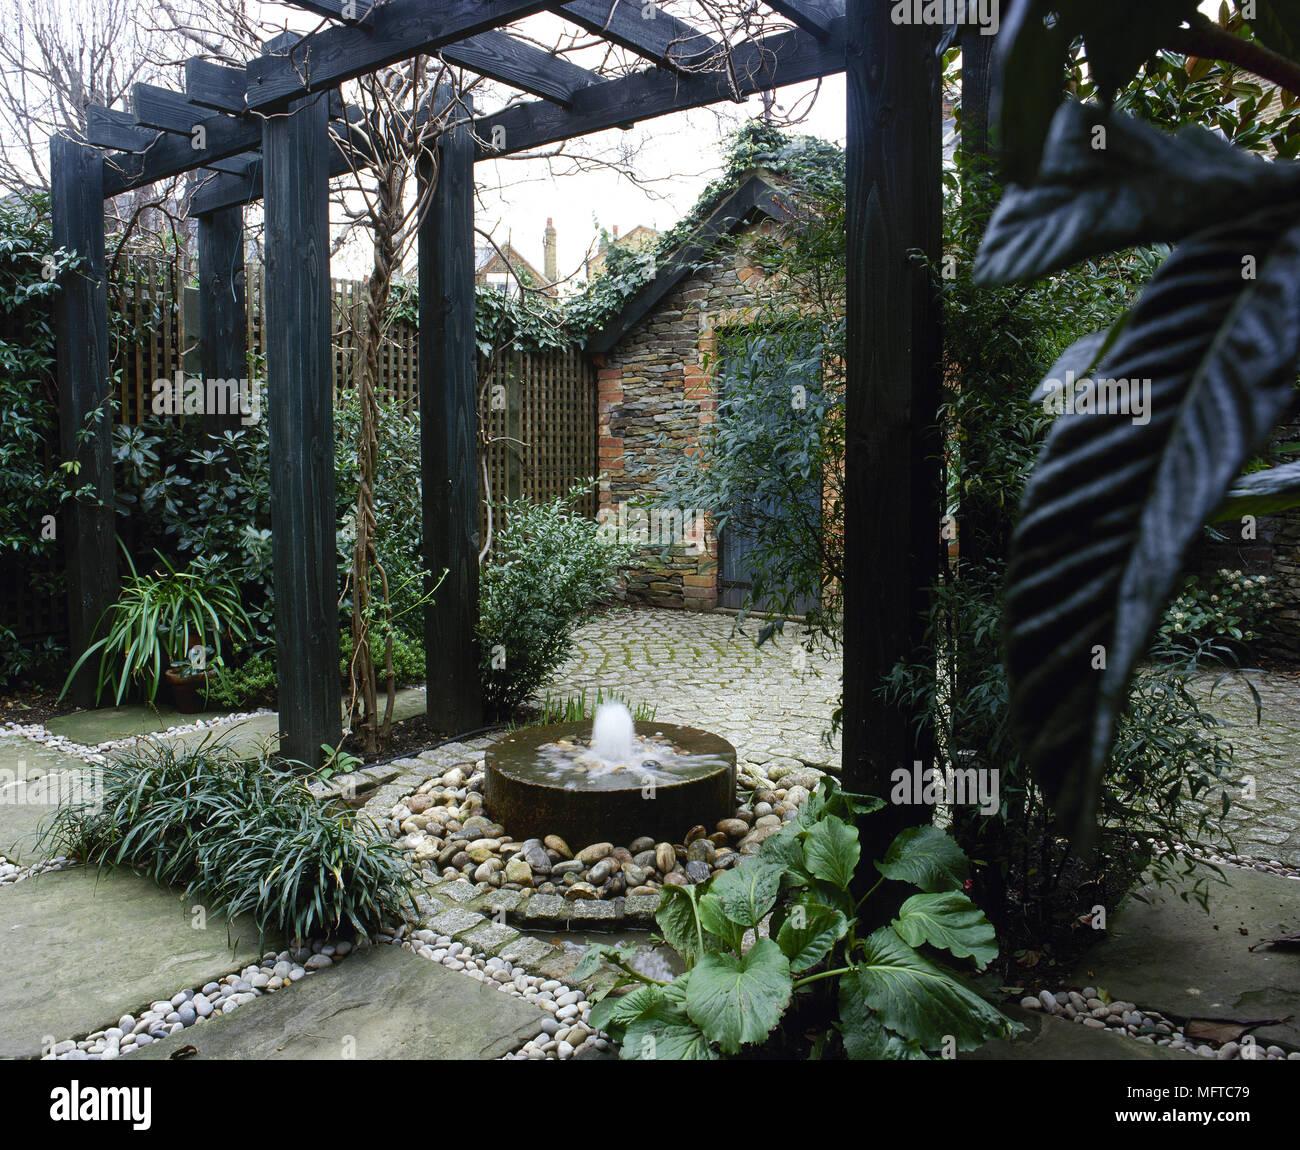 Wasserspiel Terrasse zurück garten mit terrasse, pergola, wasserspiel, und kleines haus